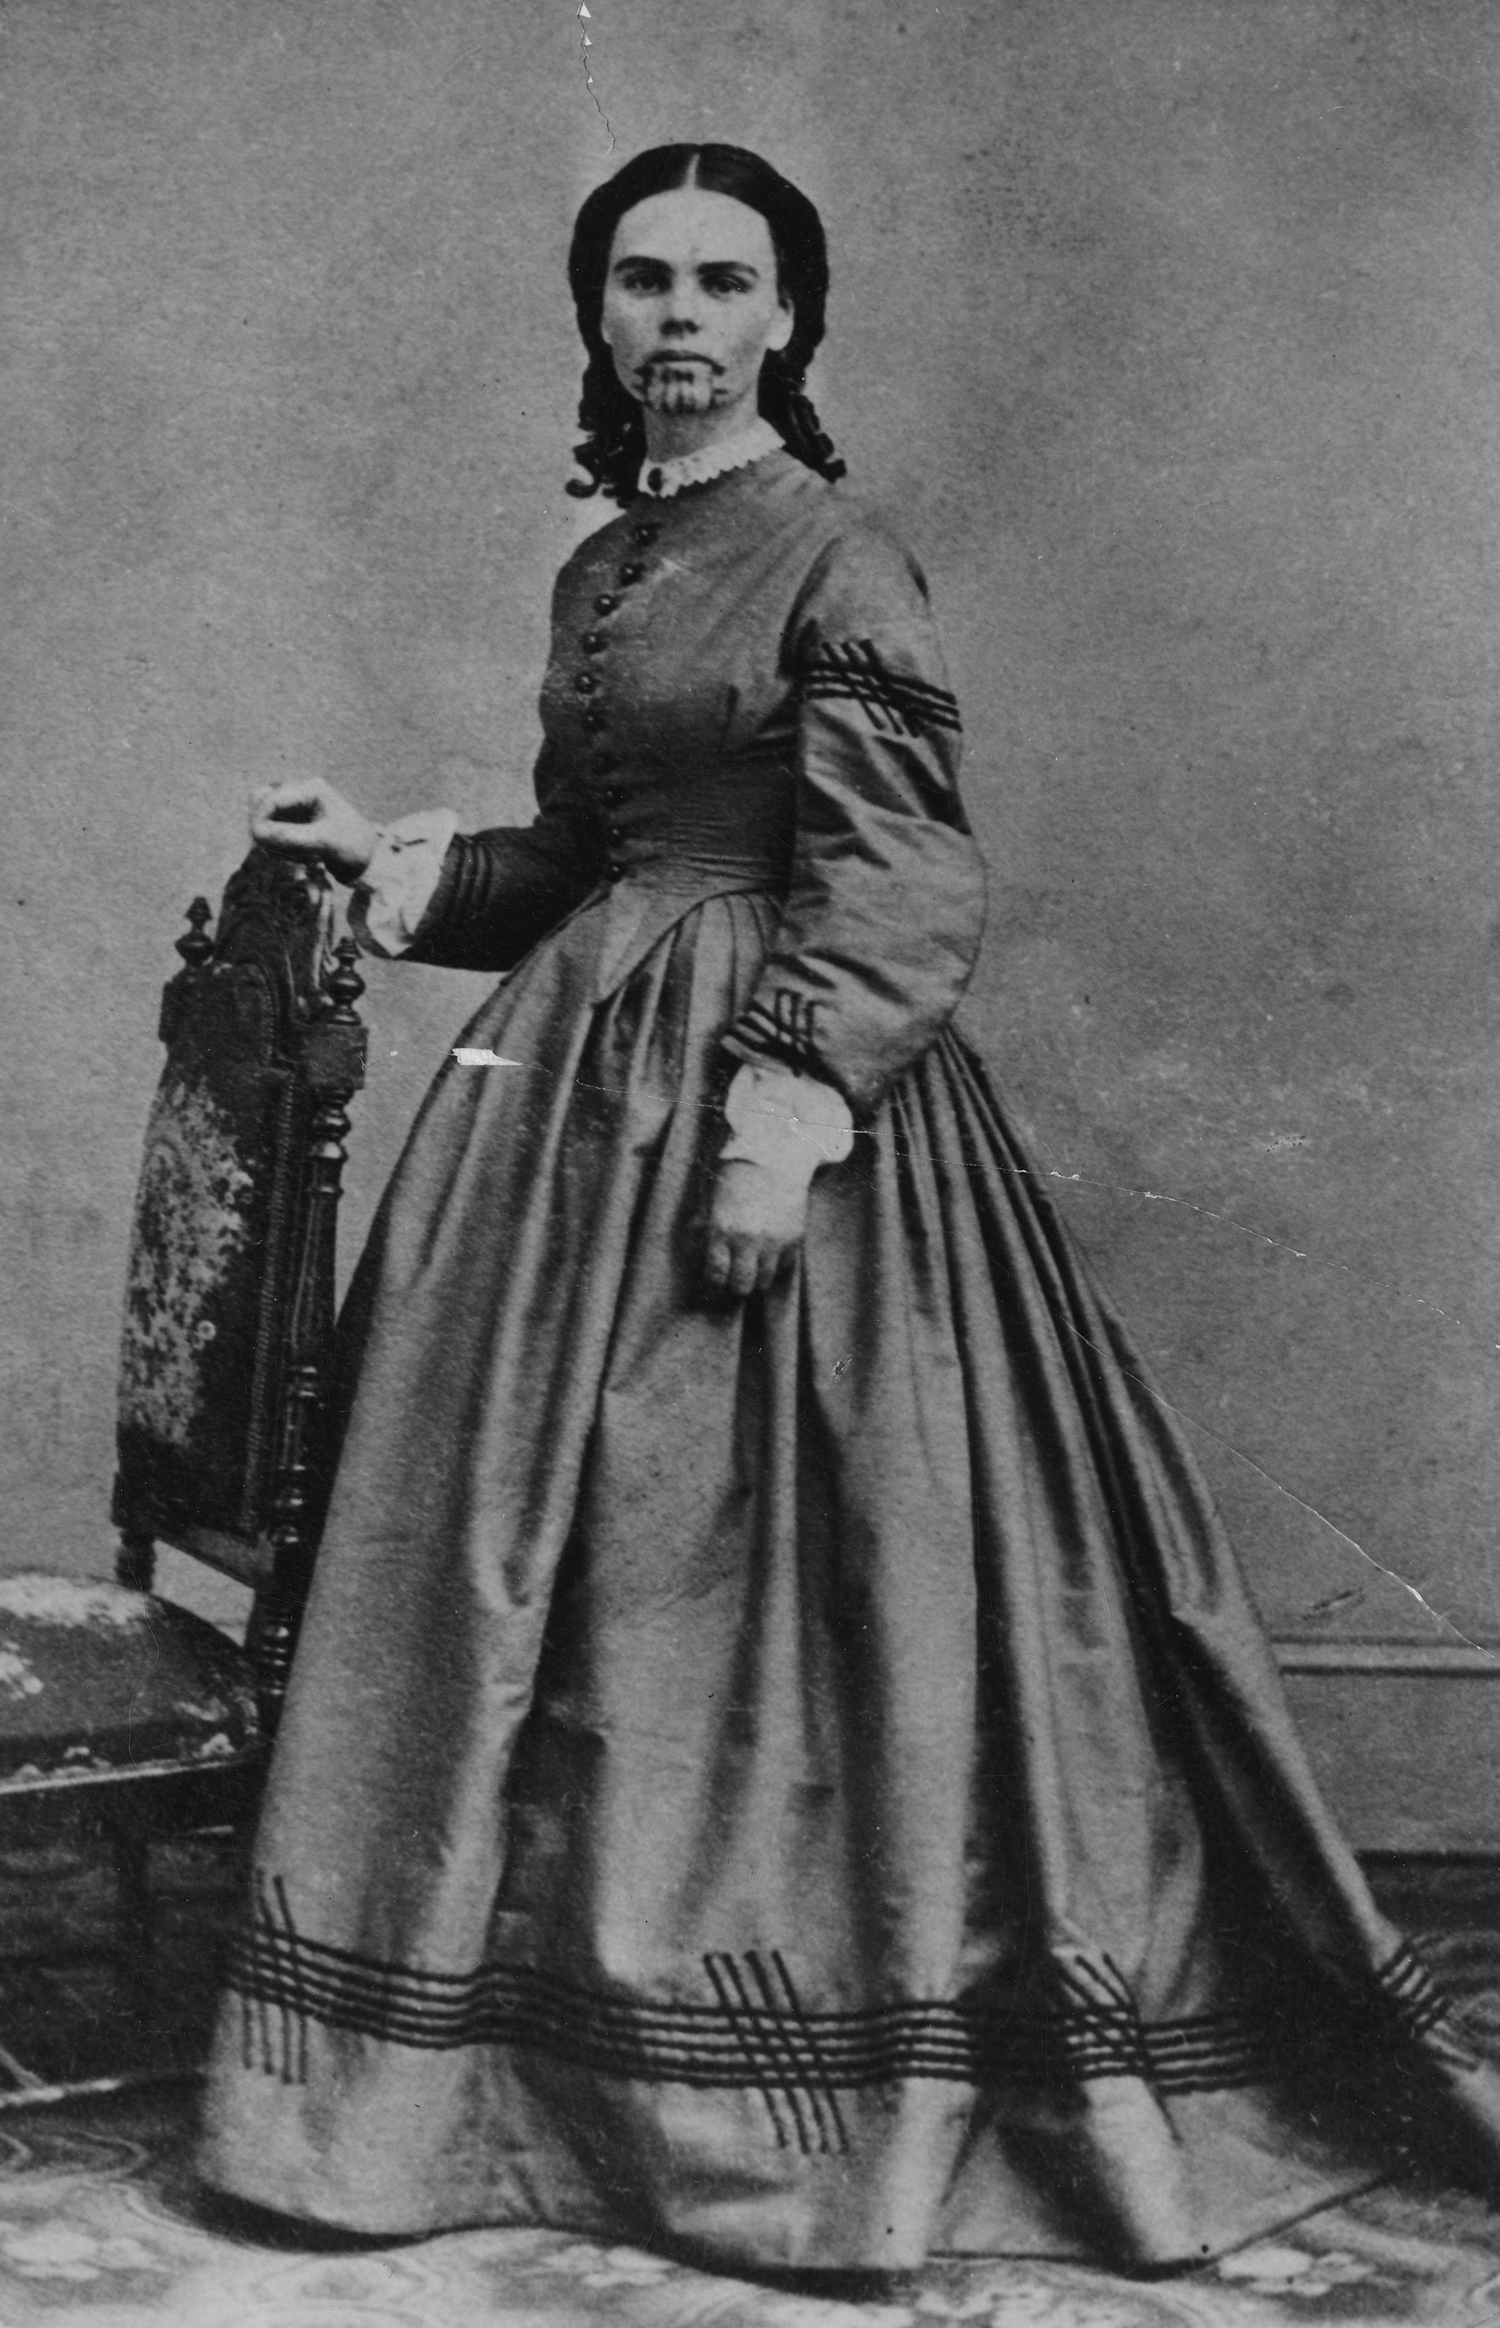 Olive Oatman 1858